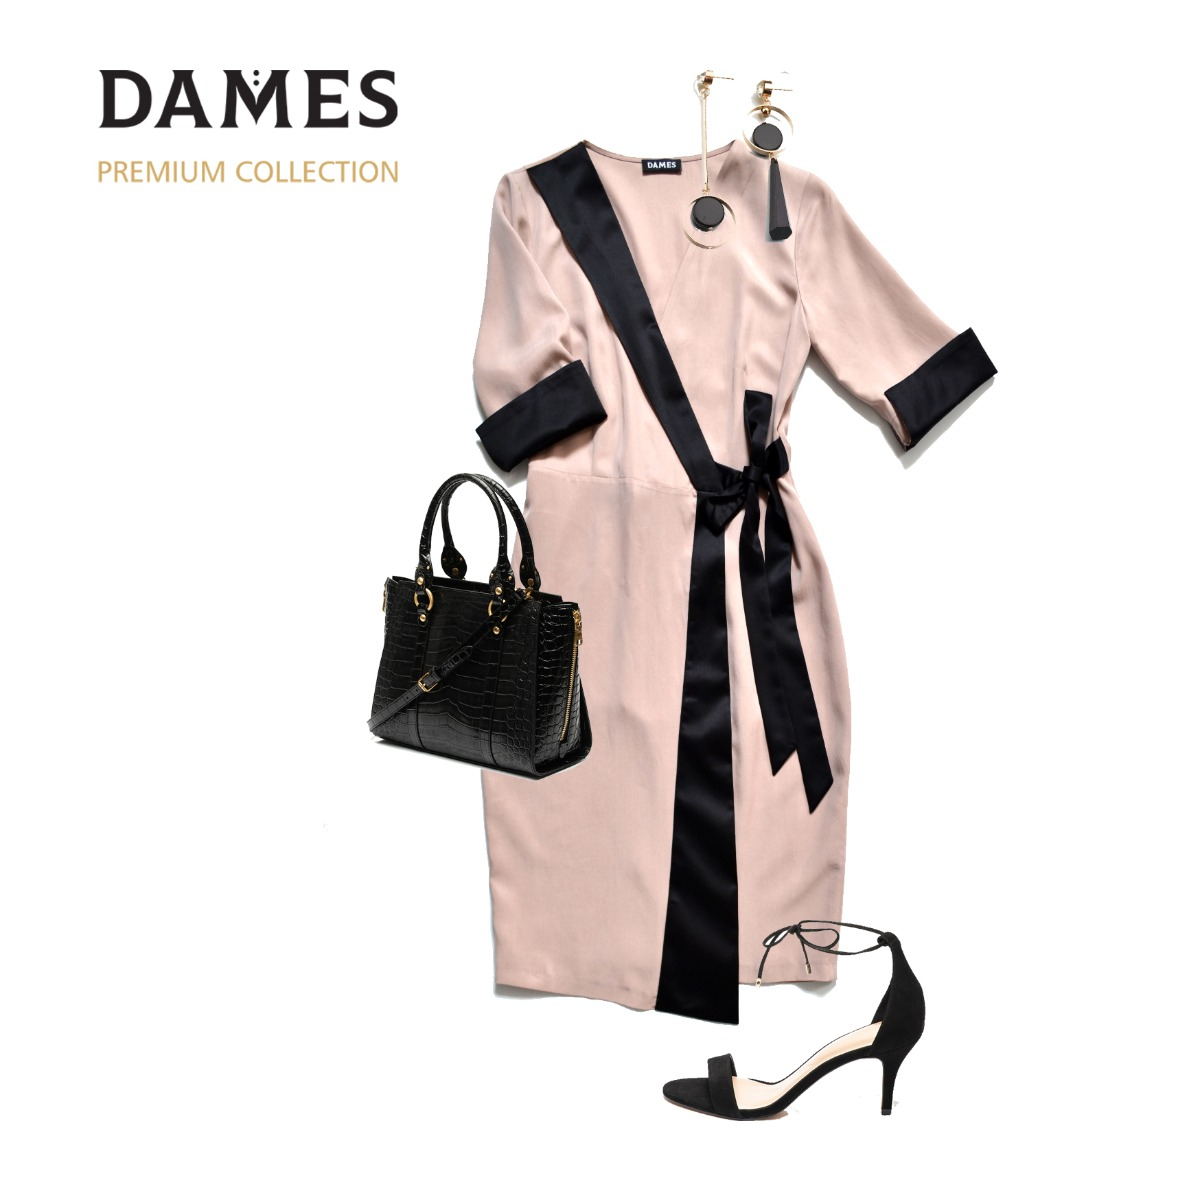 rochie dames